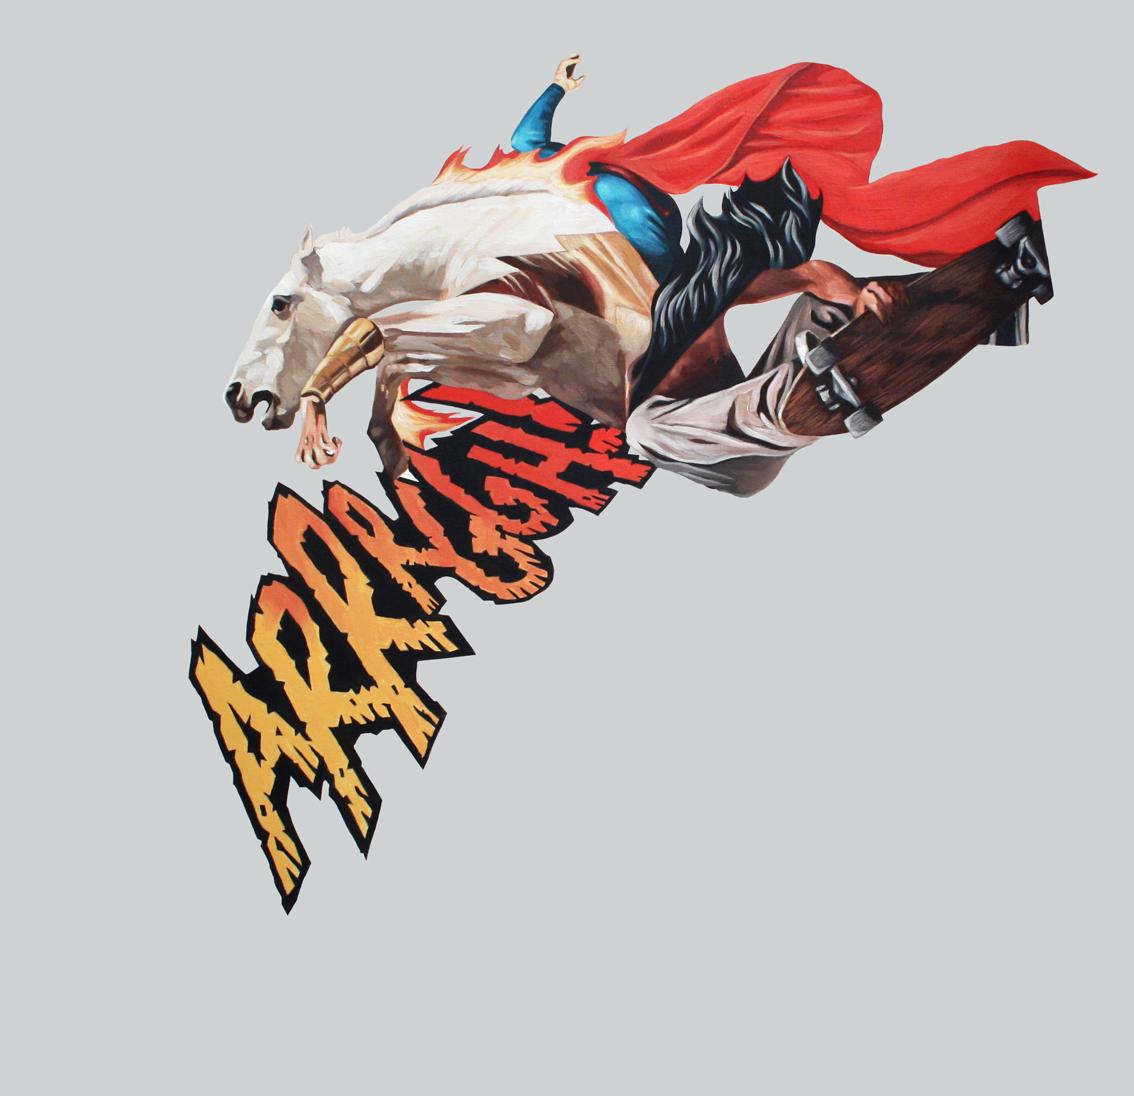 paint surrealism lowbrow comics art collage concept illustration superheroes oscargutierrez graphic